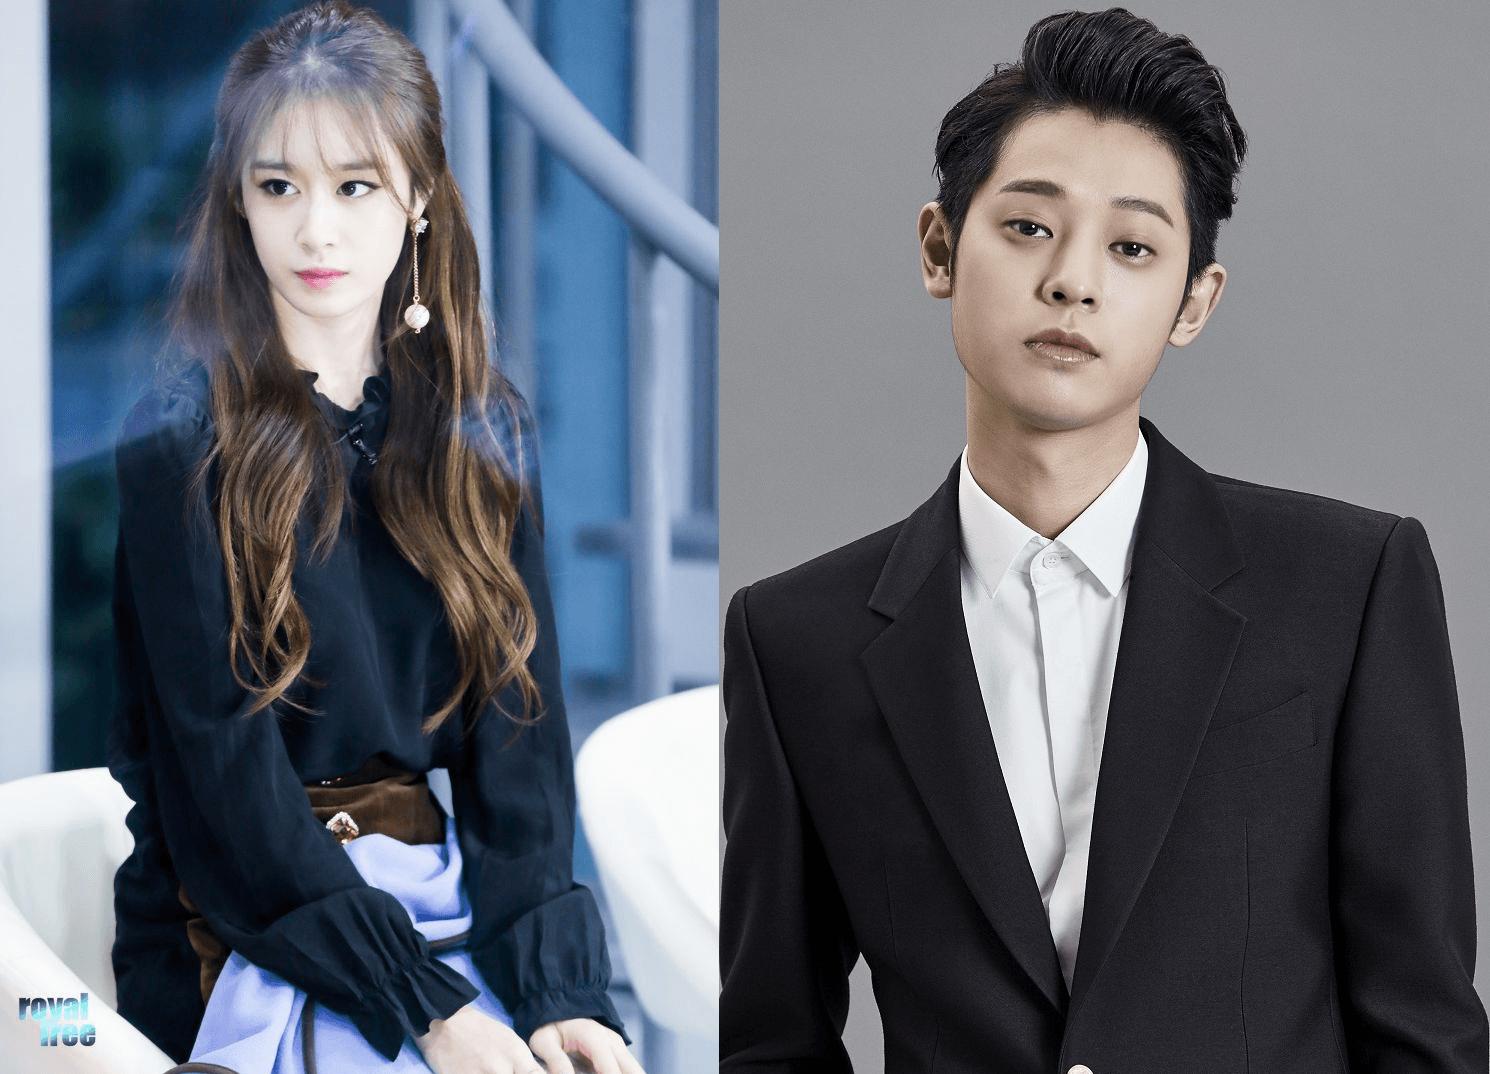 Lee joon and jiyeon dating